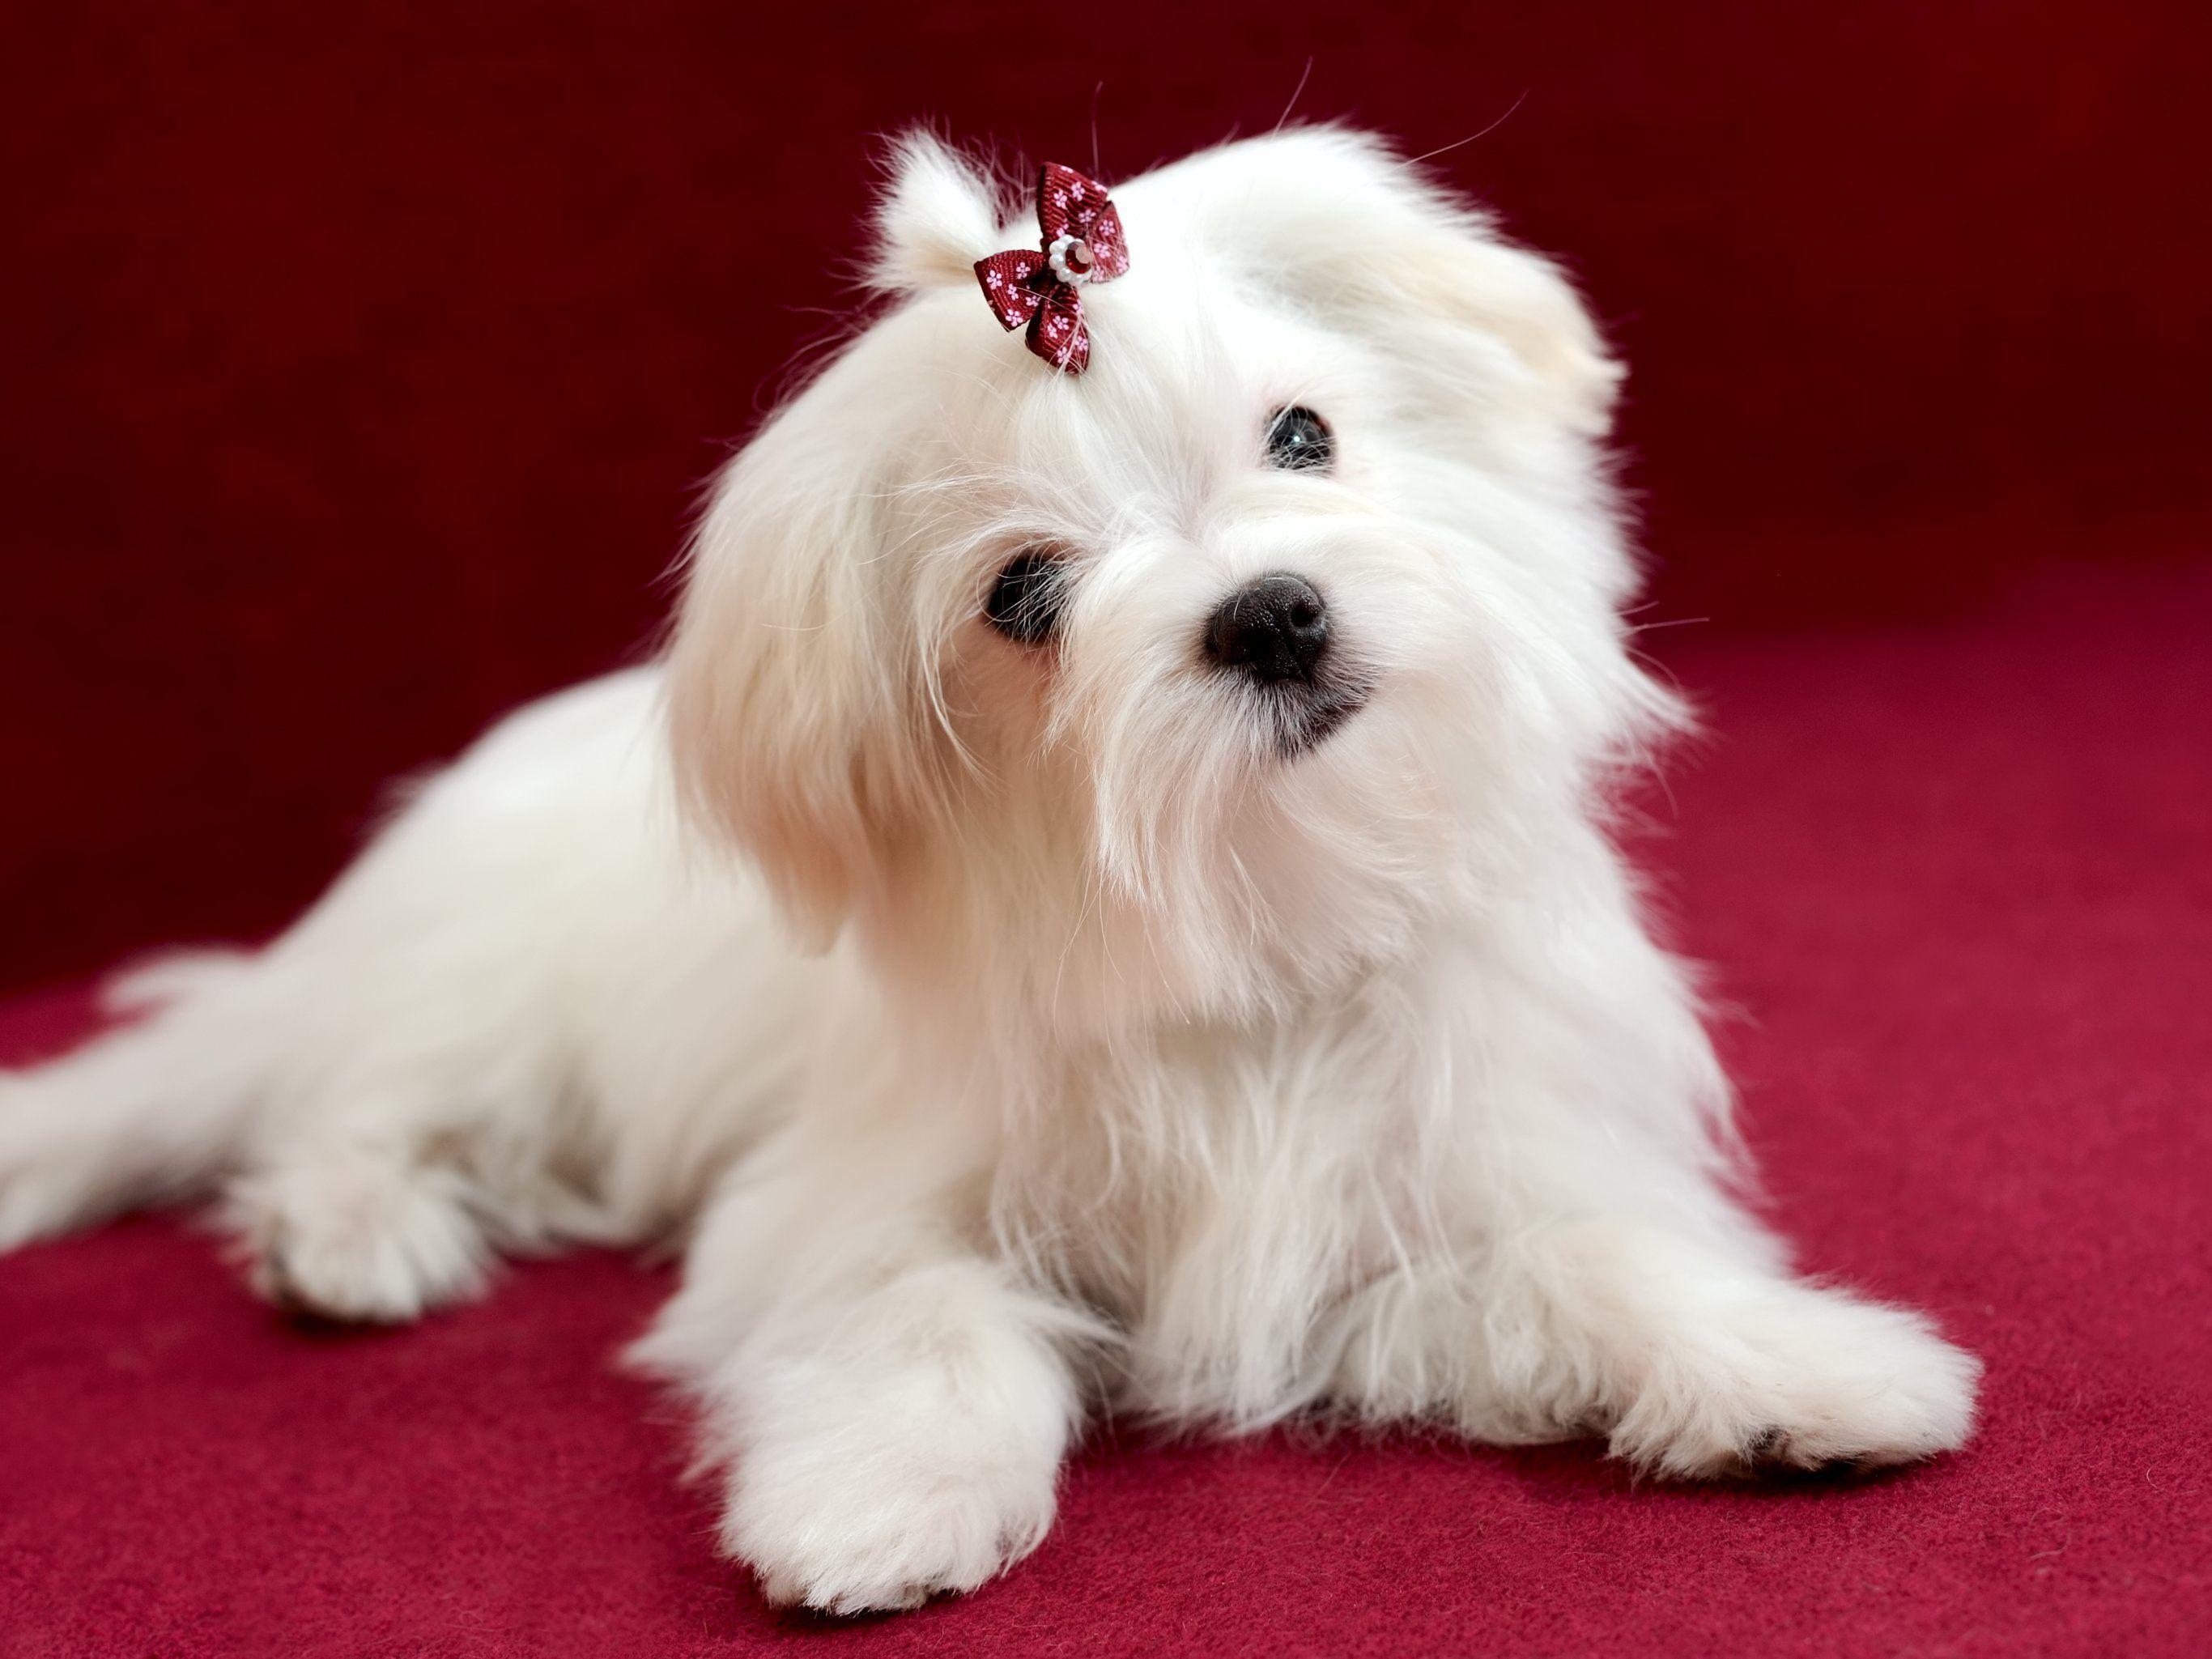 New Jersey Maltese Maltese Dog Breeds Maltese Dogs Maltese